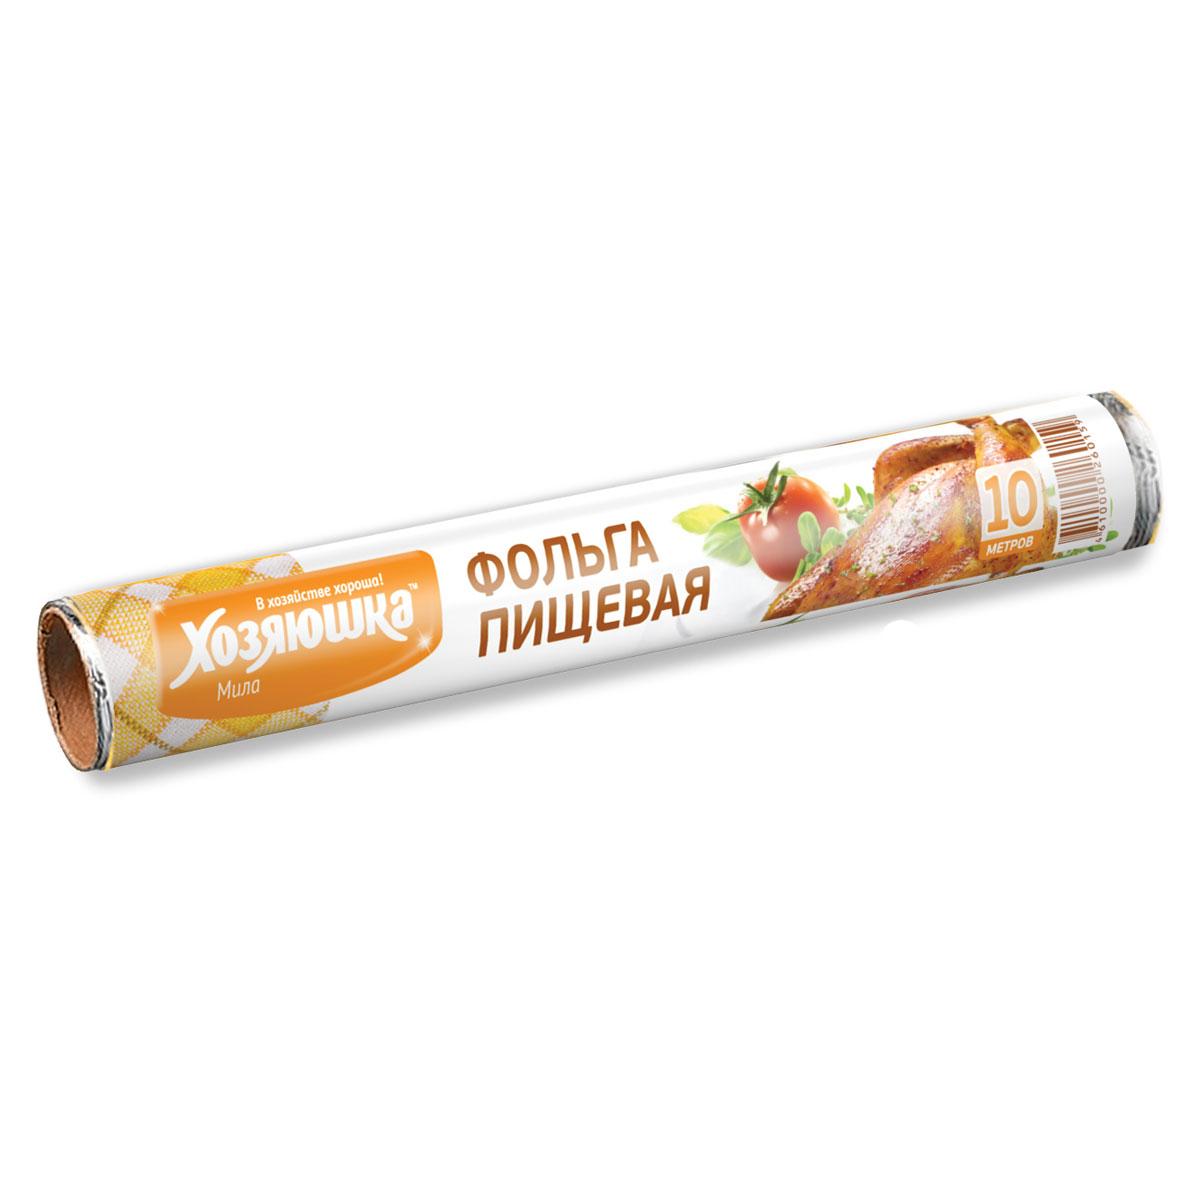 Фольга пищевая Хозяюшка Мила, длина 10 м09004-60Фольга Хозяюшка Мила, выполненная из алюминия, применяется для хранения и запекания продуктов. Прекрасно сохраняет полезные свойства продуктов, позволяет длительно хранить продукты питания. При запекании предотвращает разбрызгивание сока и жира, делает блюда сочными, аппетитными и полезными. Широкое полотно позволяет хранить и запекать крупные куски мяса и рыбы, овощей. Длина фольги: 10 м.